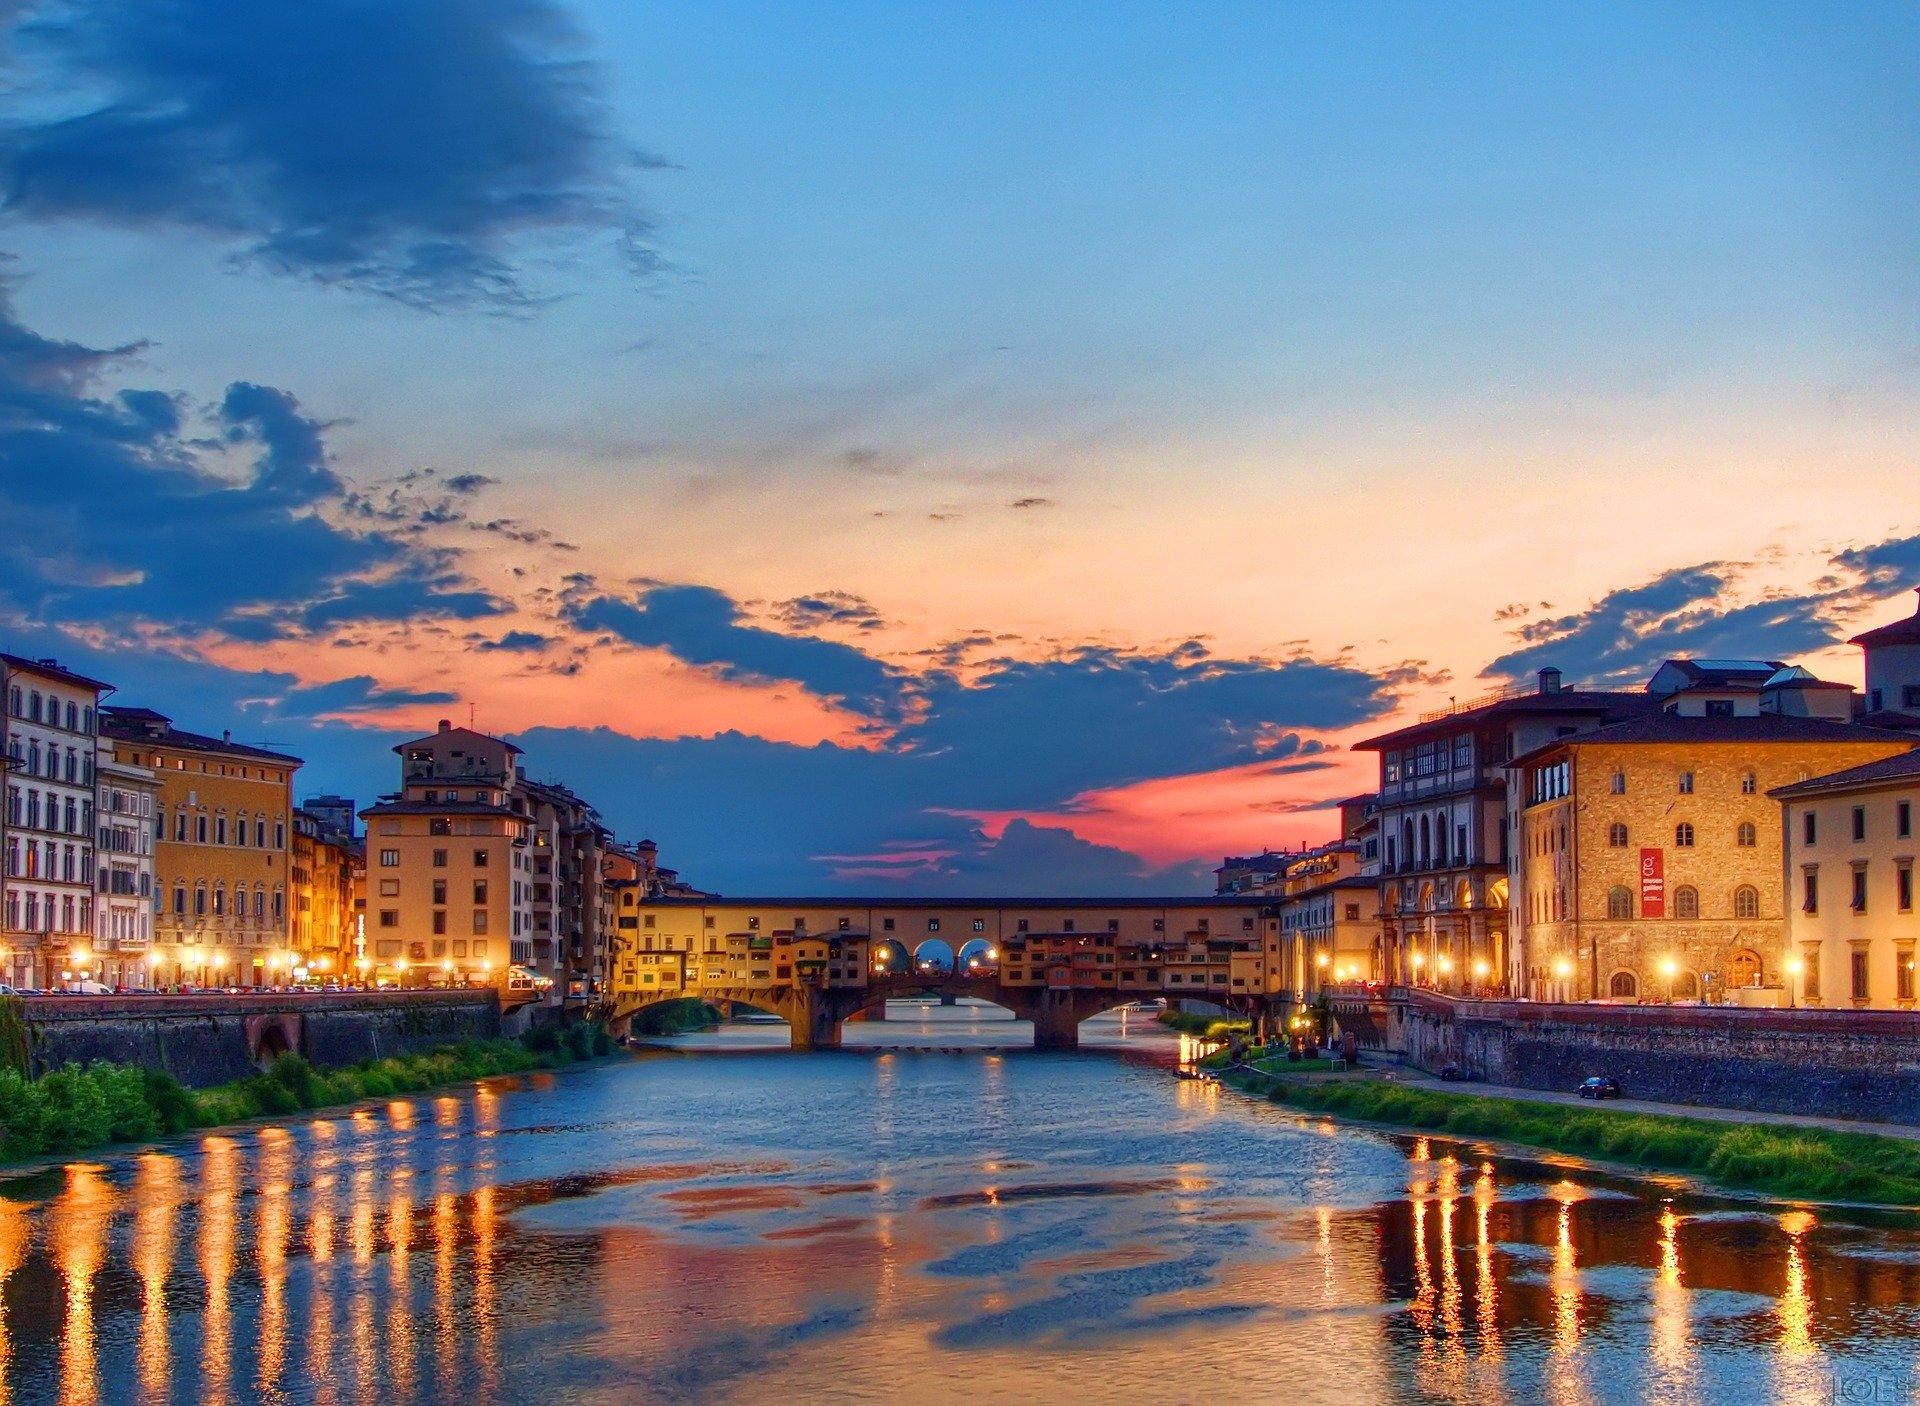 Hotel economici Firenze centro con parcheggio: